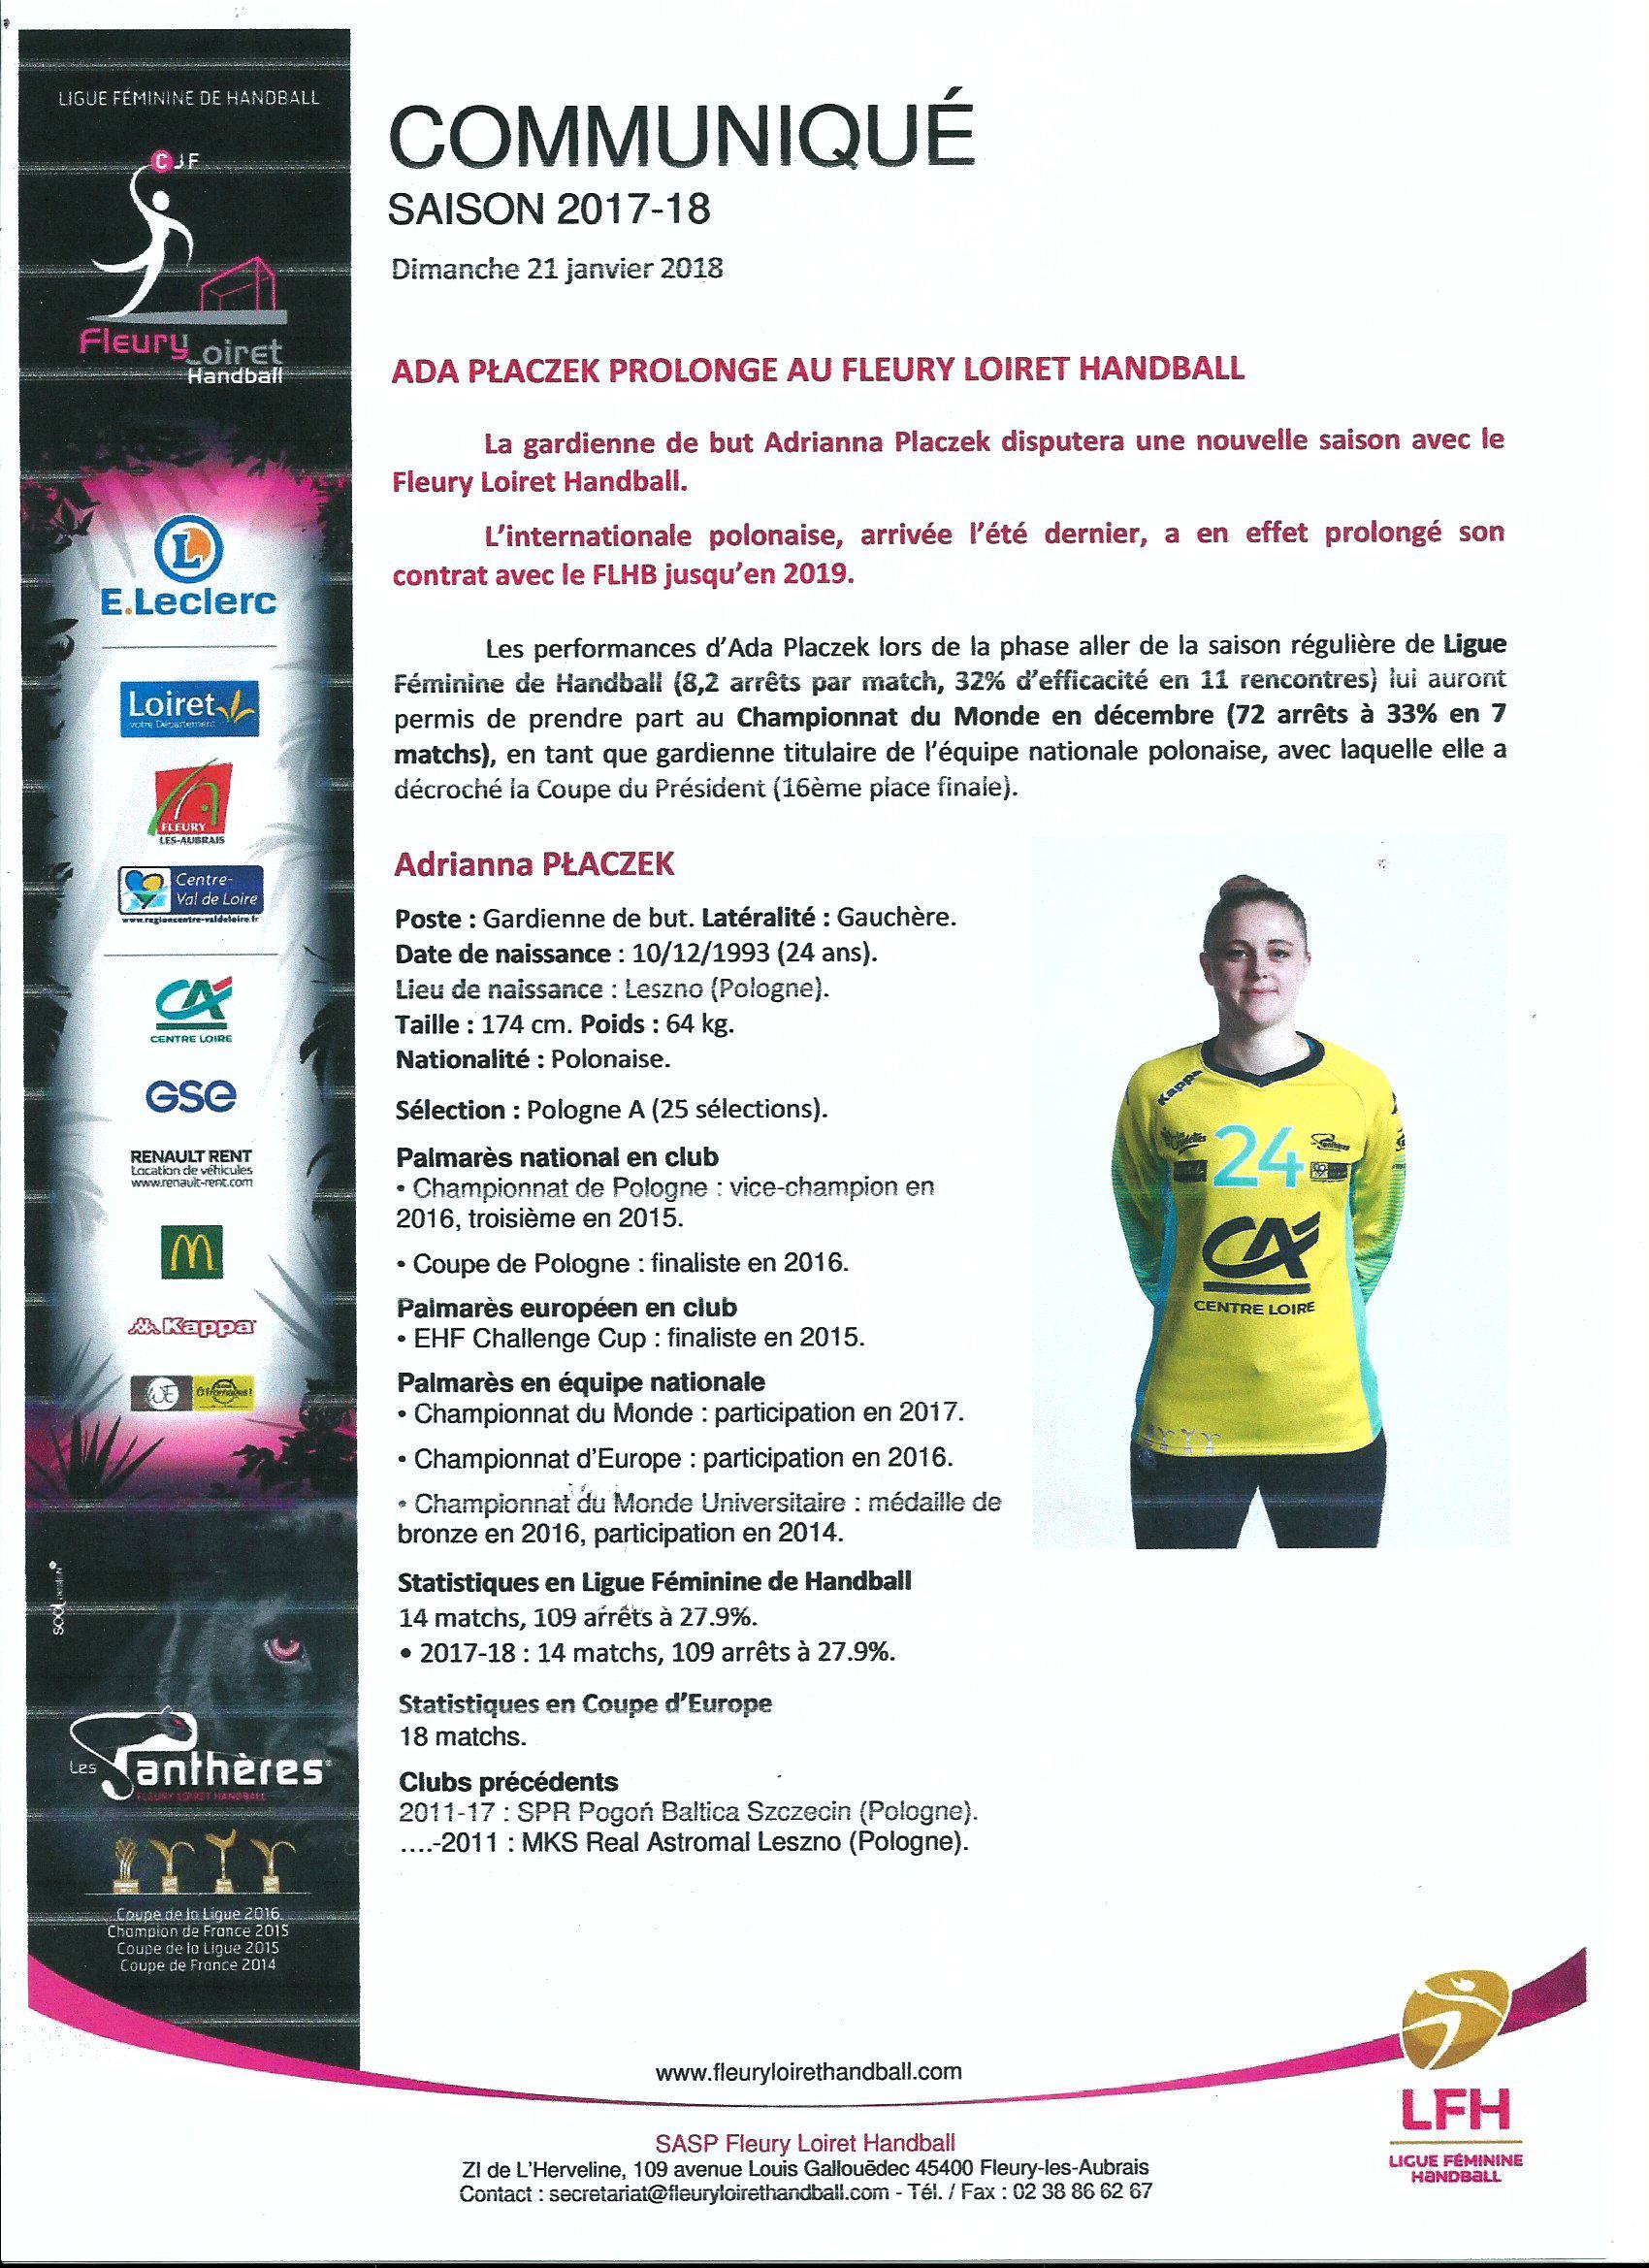 Scan Communiqué de presse FLHB Saison 2017-2018 (21.01.2018).jpg